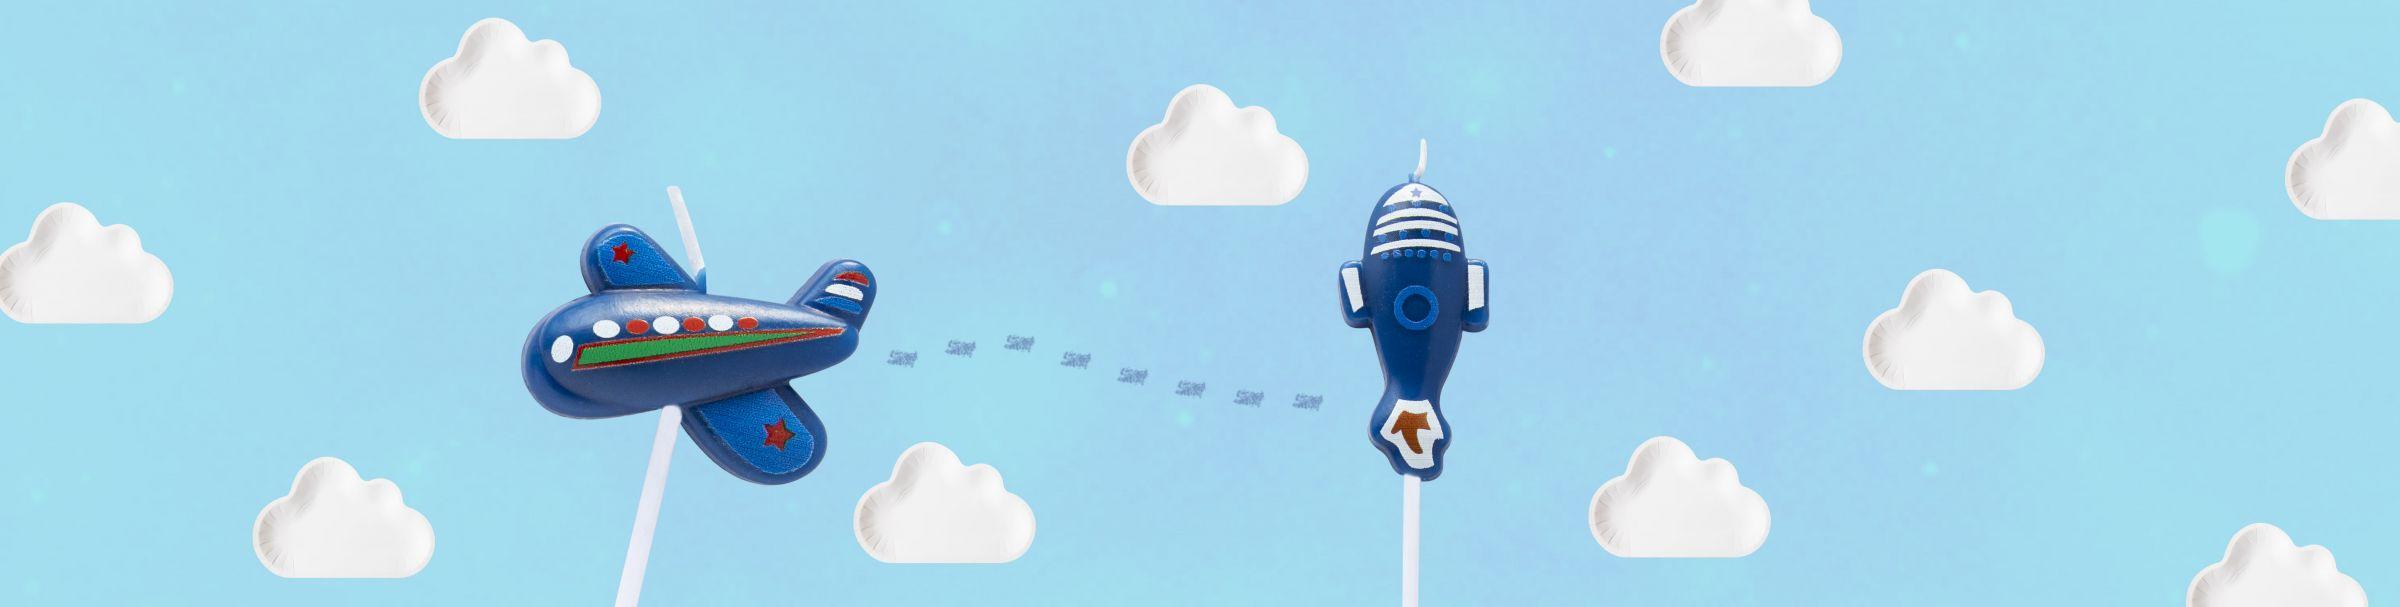 Sử dụng nến bánh máy bay Cầu mong ước mơ của bạn trở thành sự thật